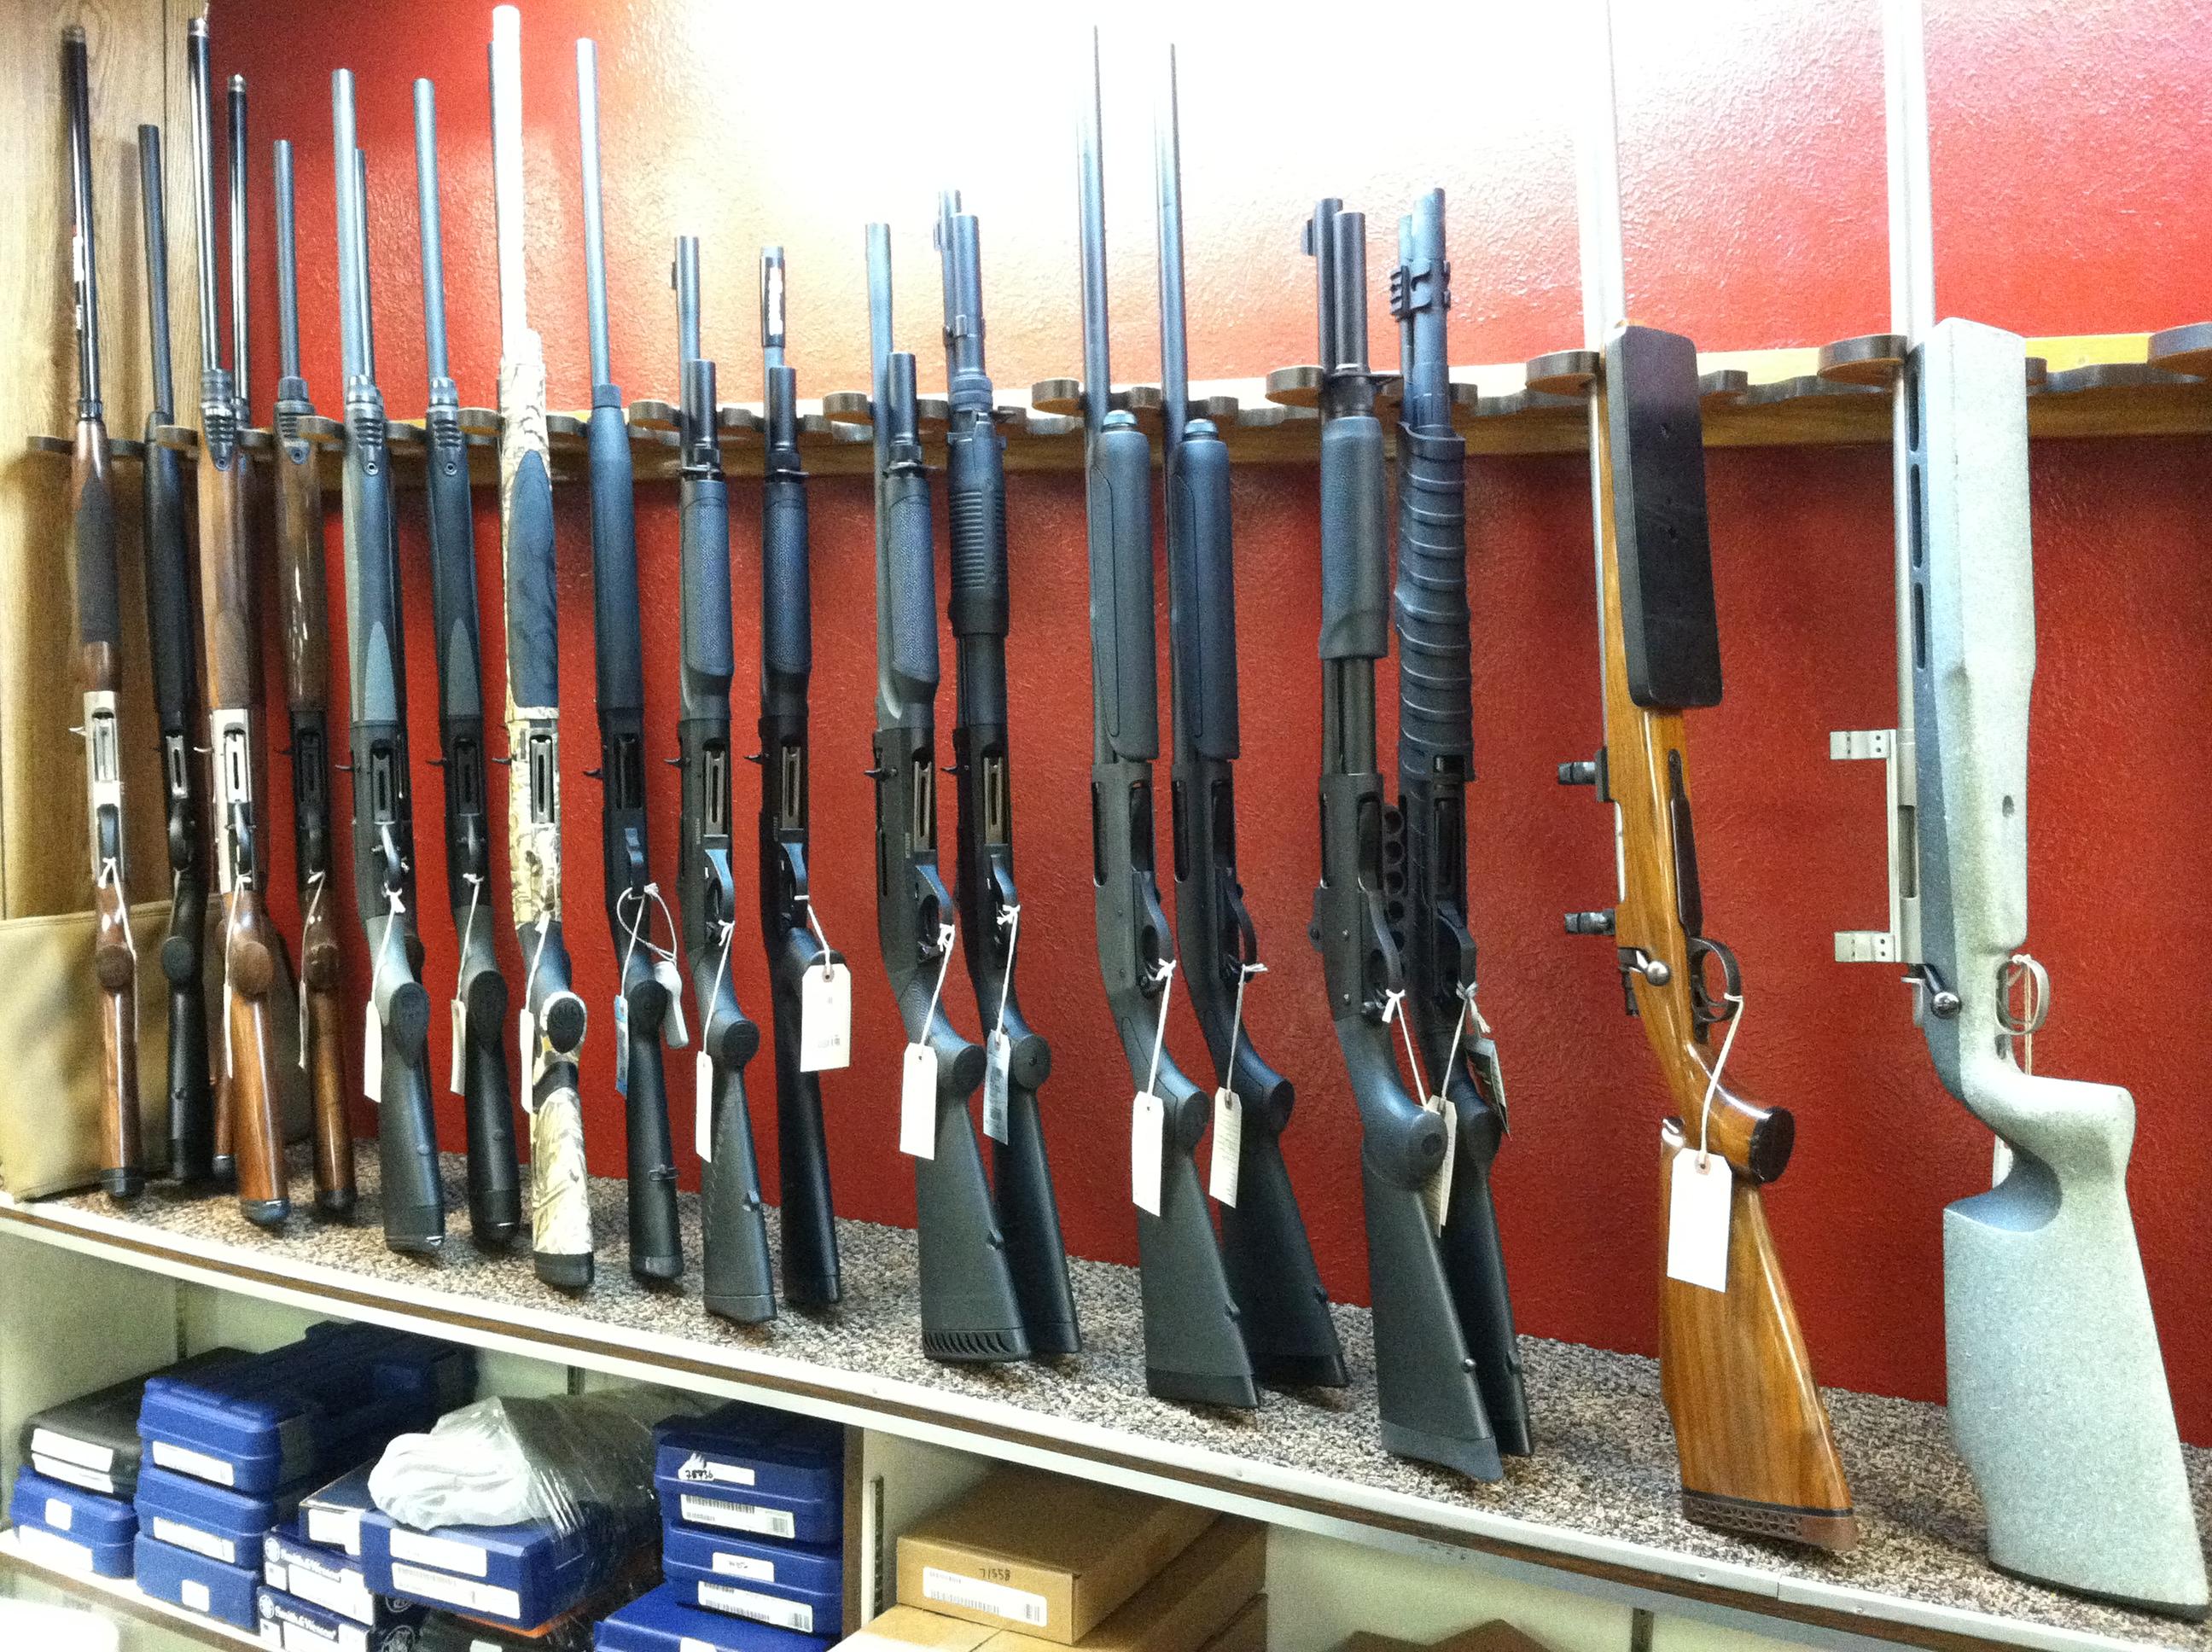 Photo: Rifles on display at an Aurora gun shop.